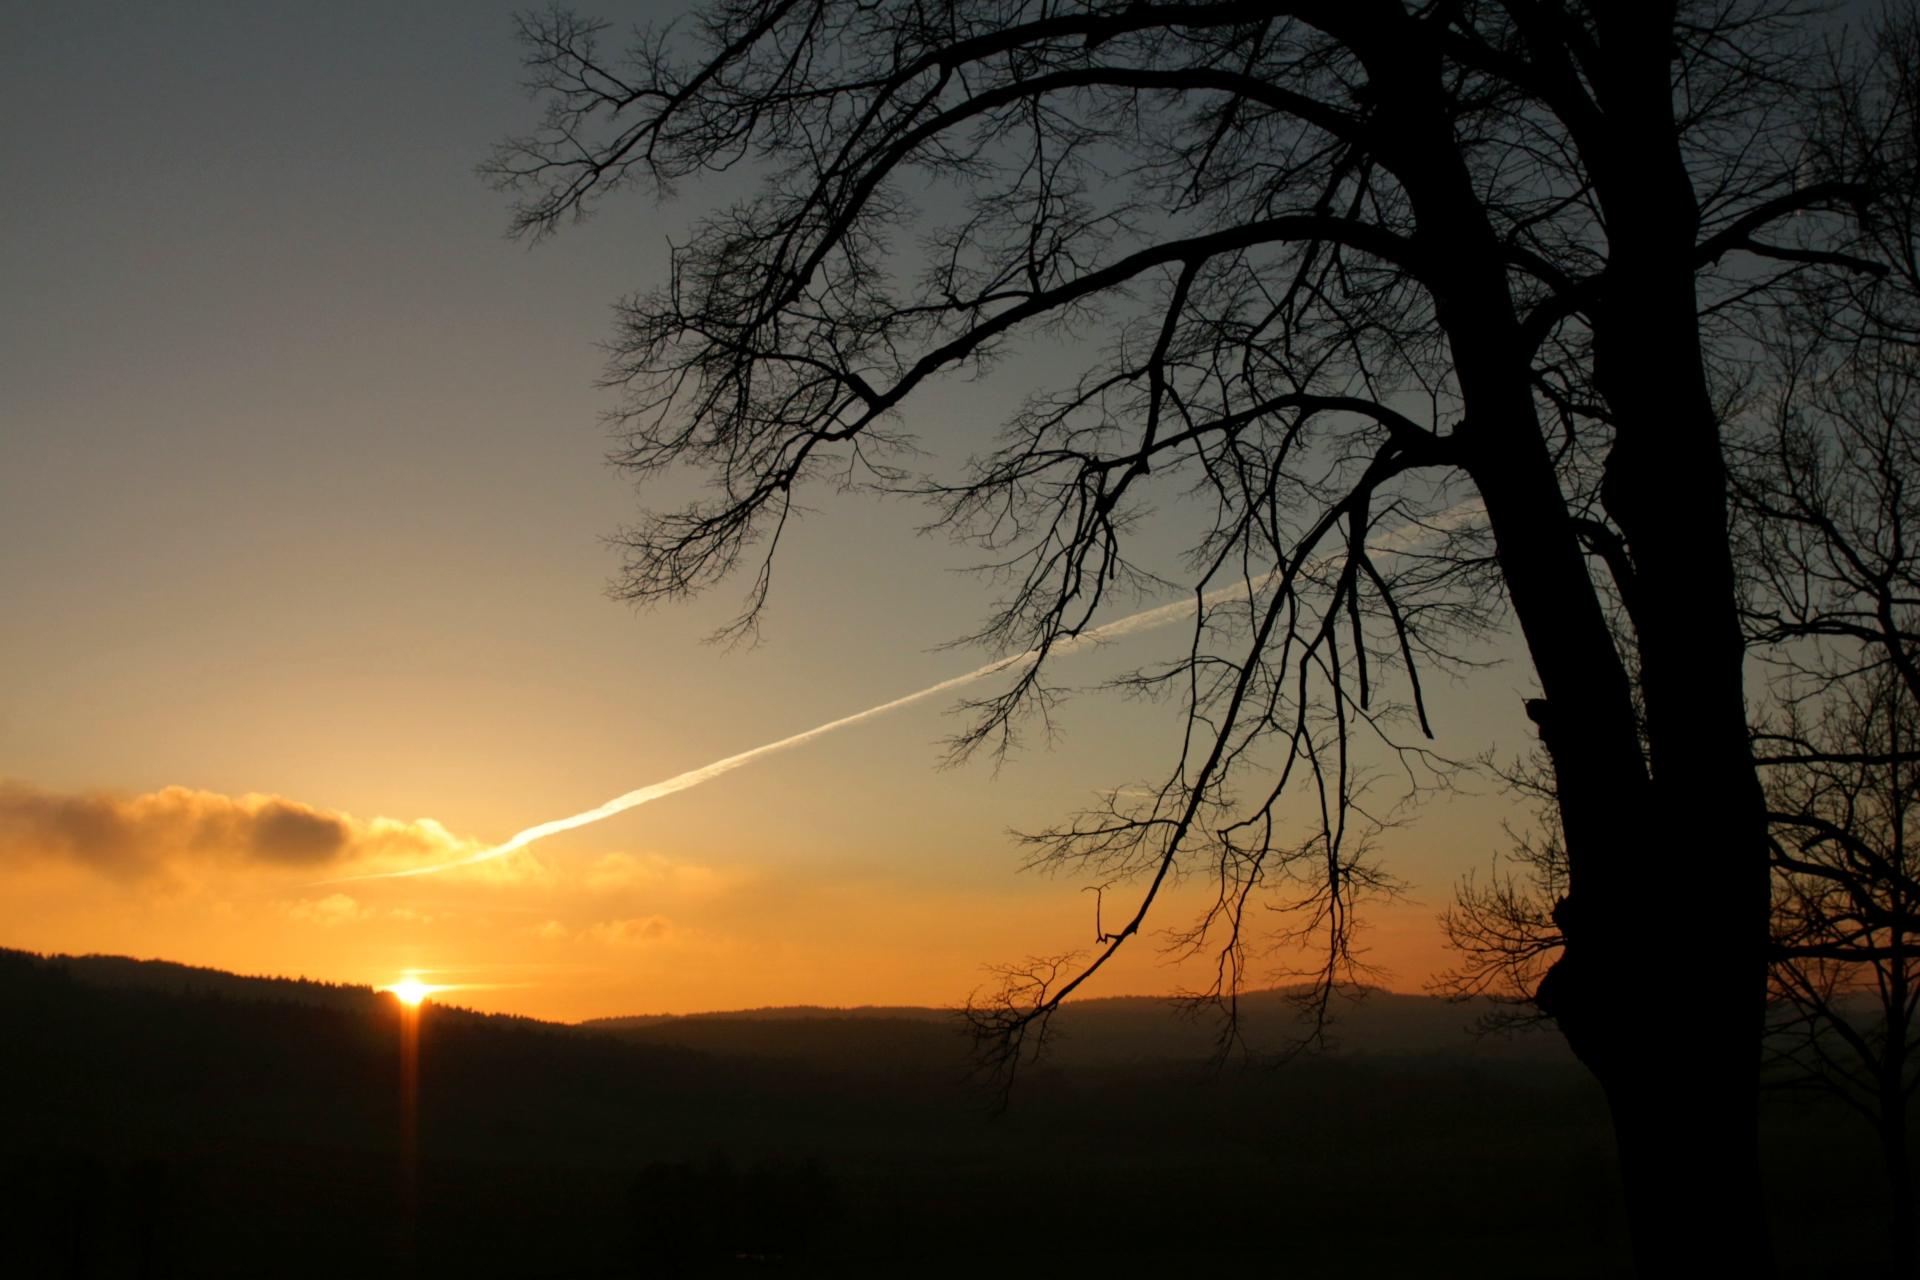 Sundown II by LoveForDetails